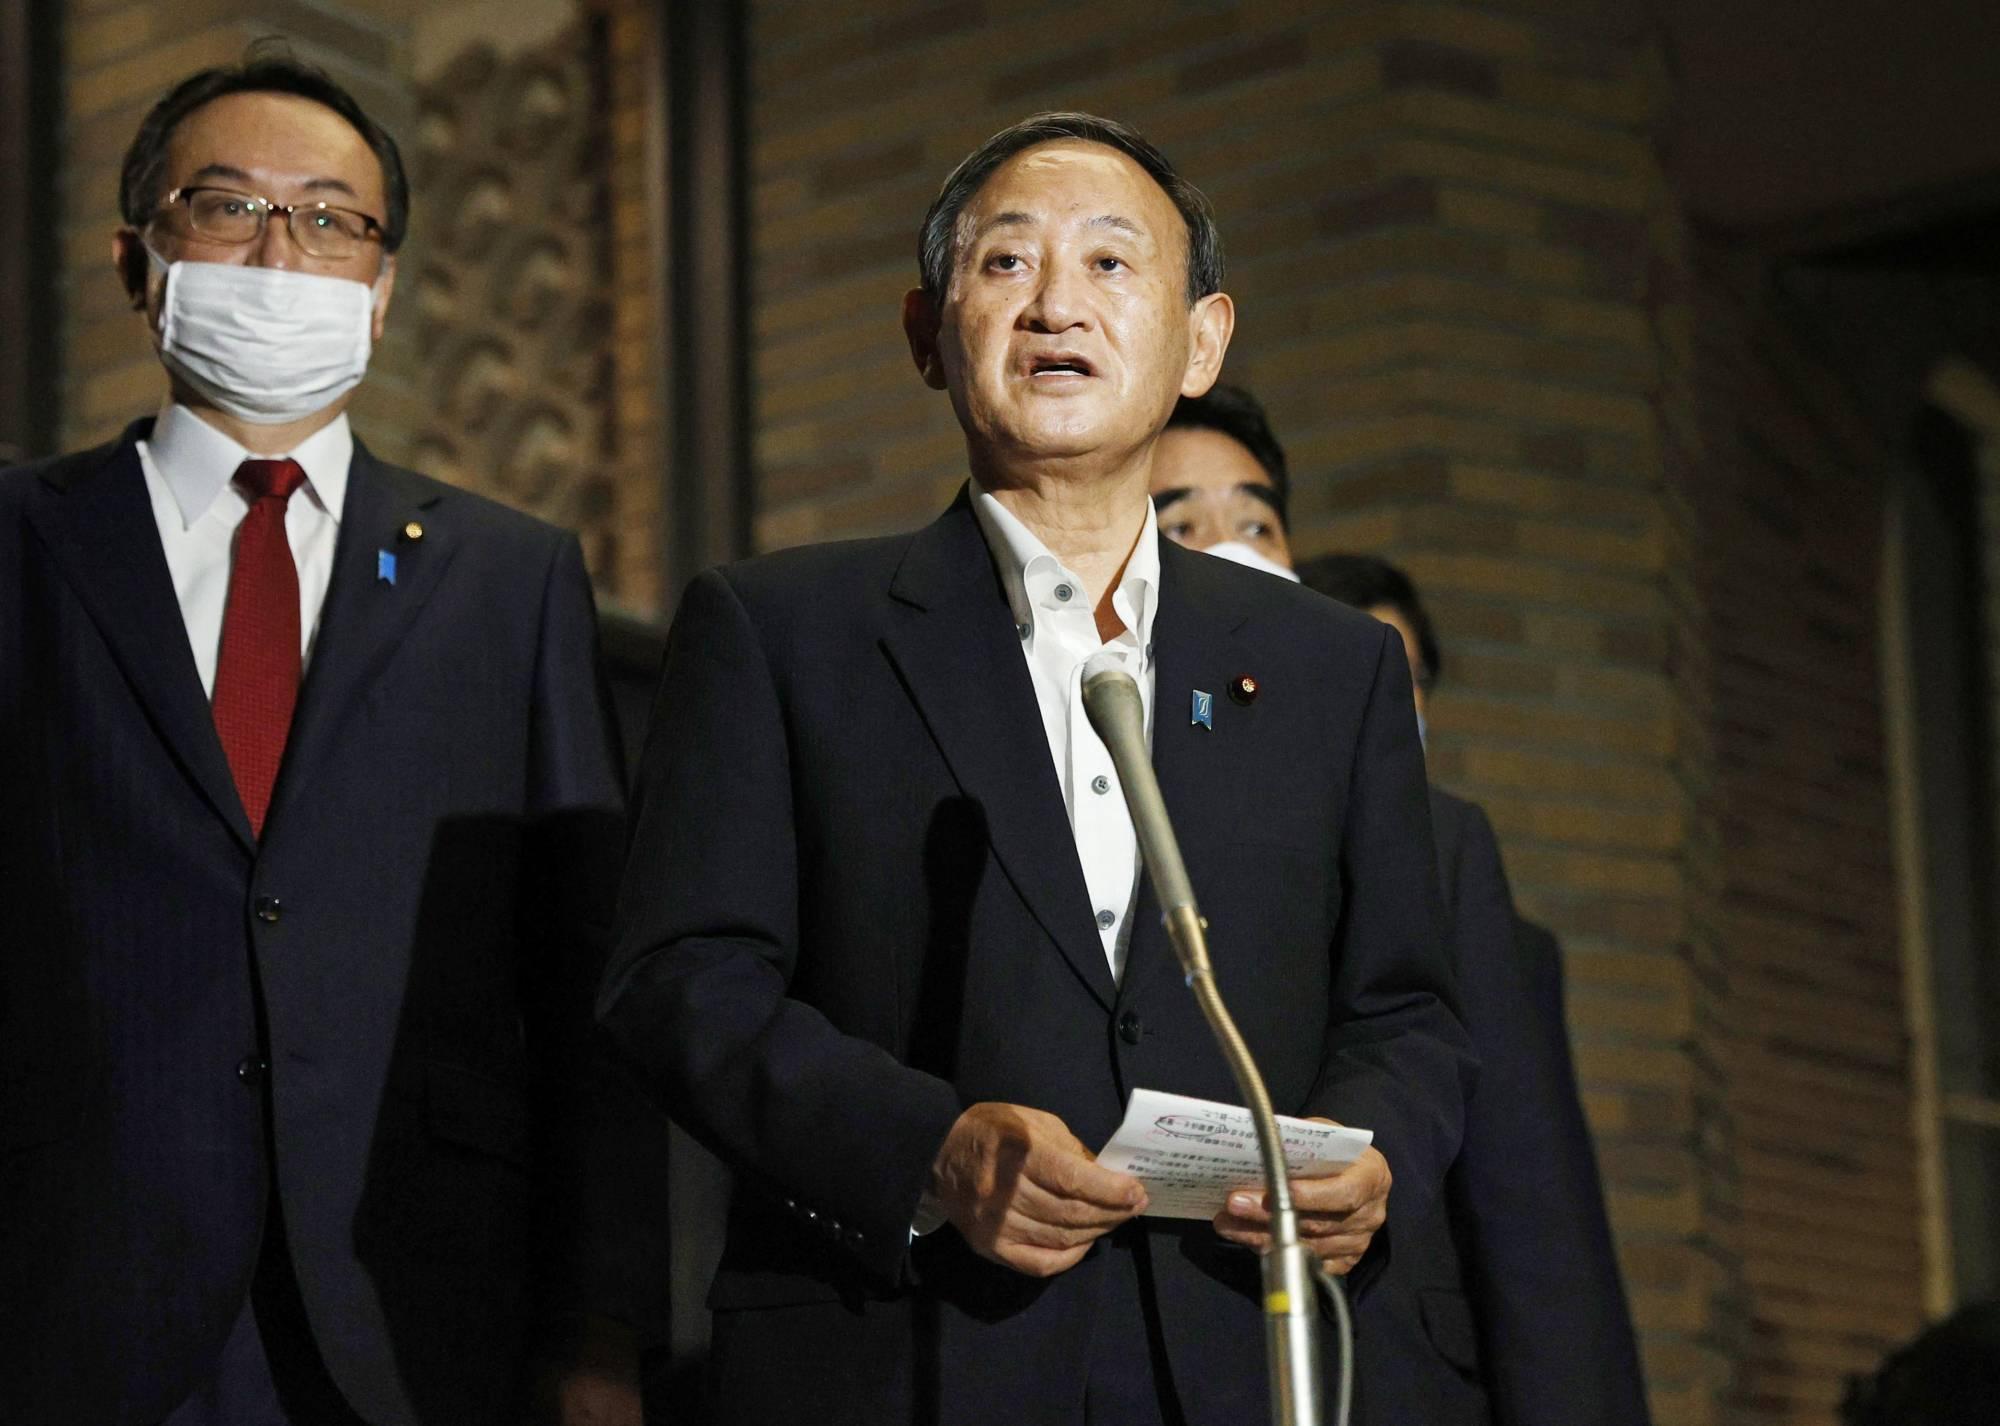 Thủ tướng Nhật Yoshihide Suga giới thiệu tóm tắt với các phóng viên về cuộc điện đàm của ông với Tổng thống Mỹ Donald Trump vào tối Chủ nhật tại Văn phòng Thủ tướng ở Tokyo. | KYODO